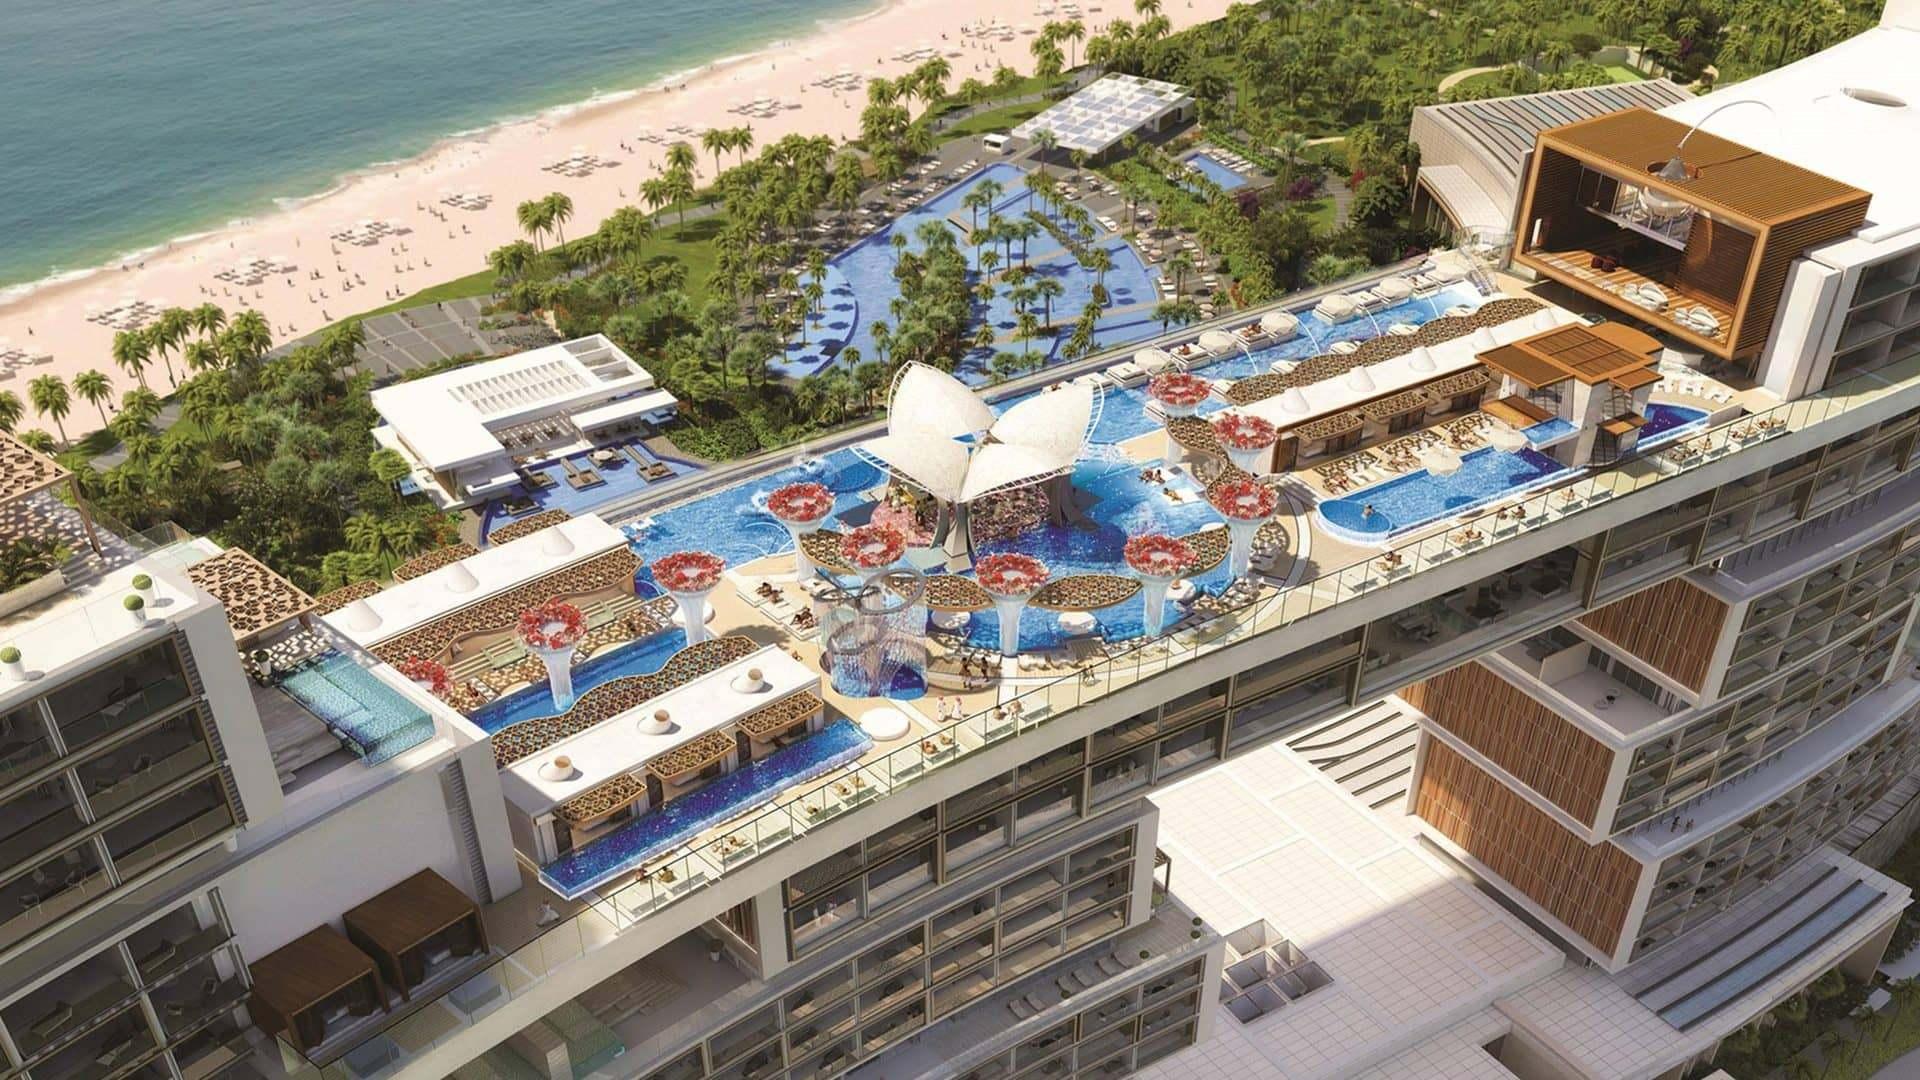 Ático en venta en Dubai, EAU, 5 dormitorios, 1531 m2, № 23843 – foto 4